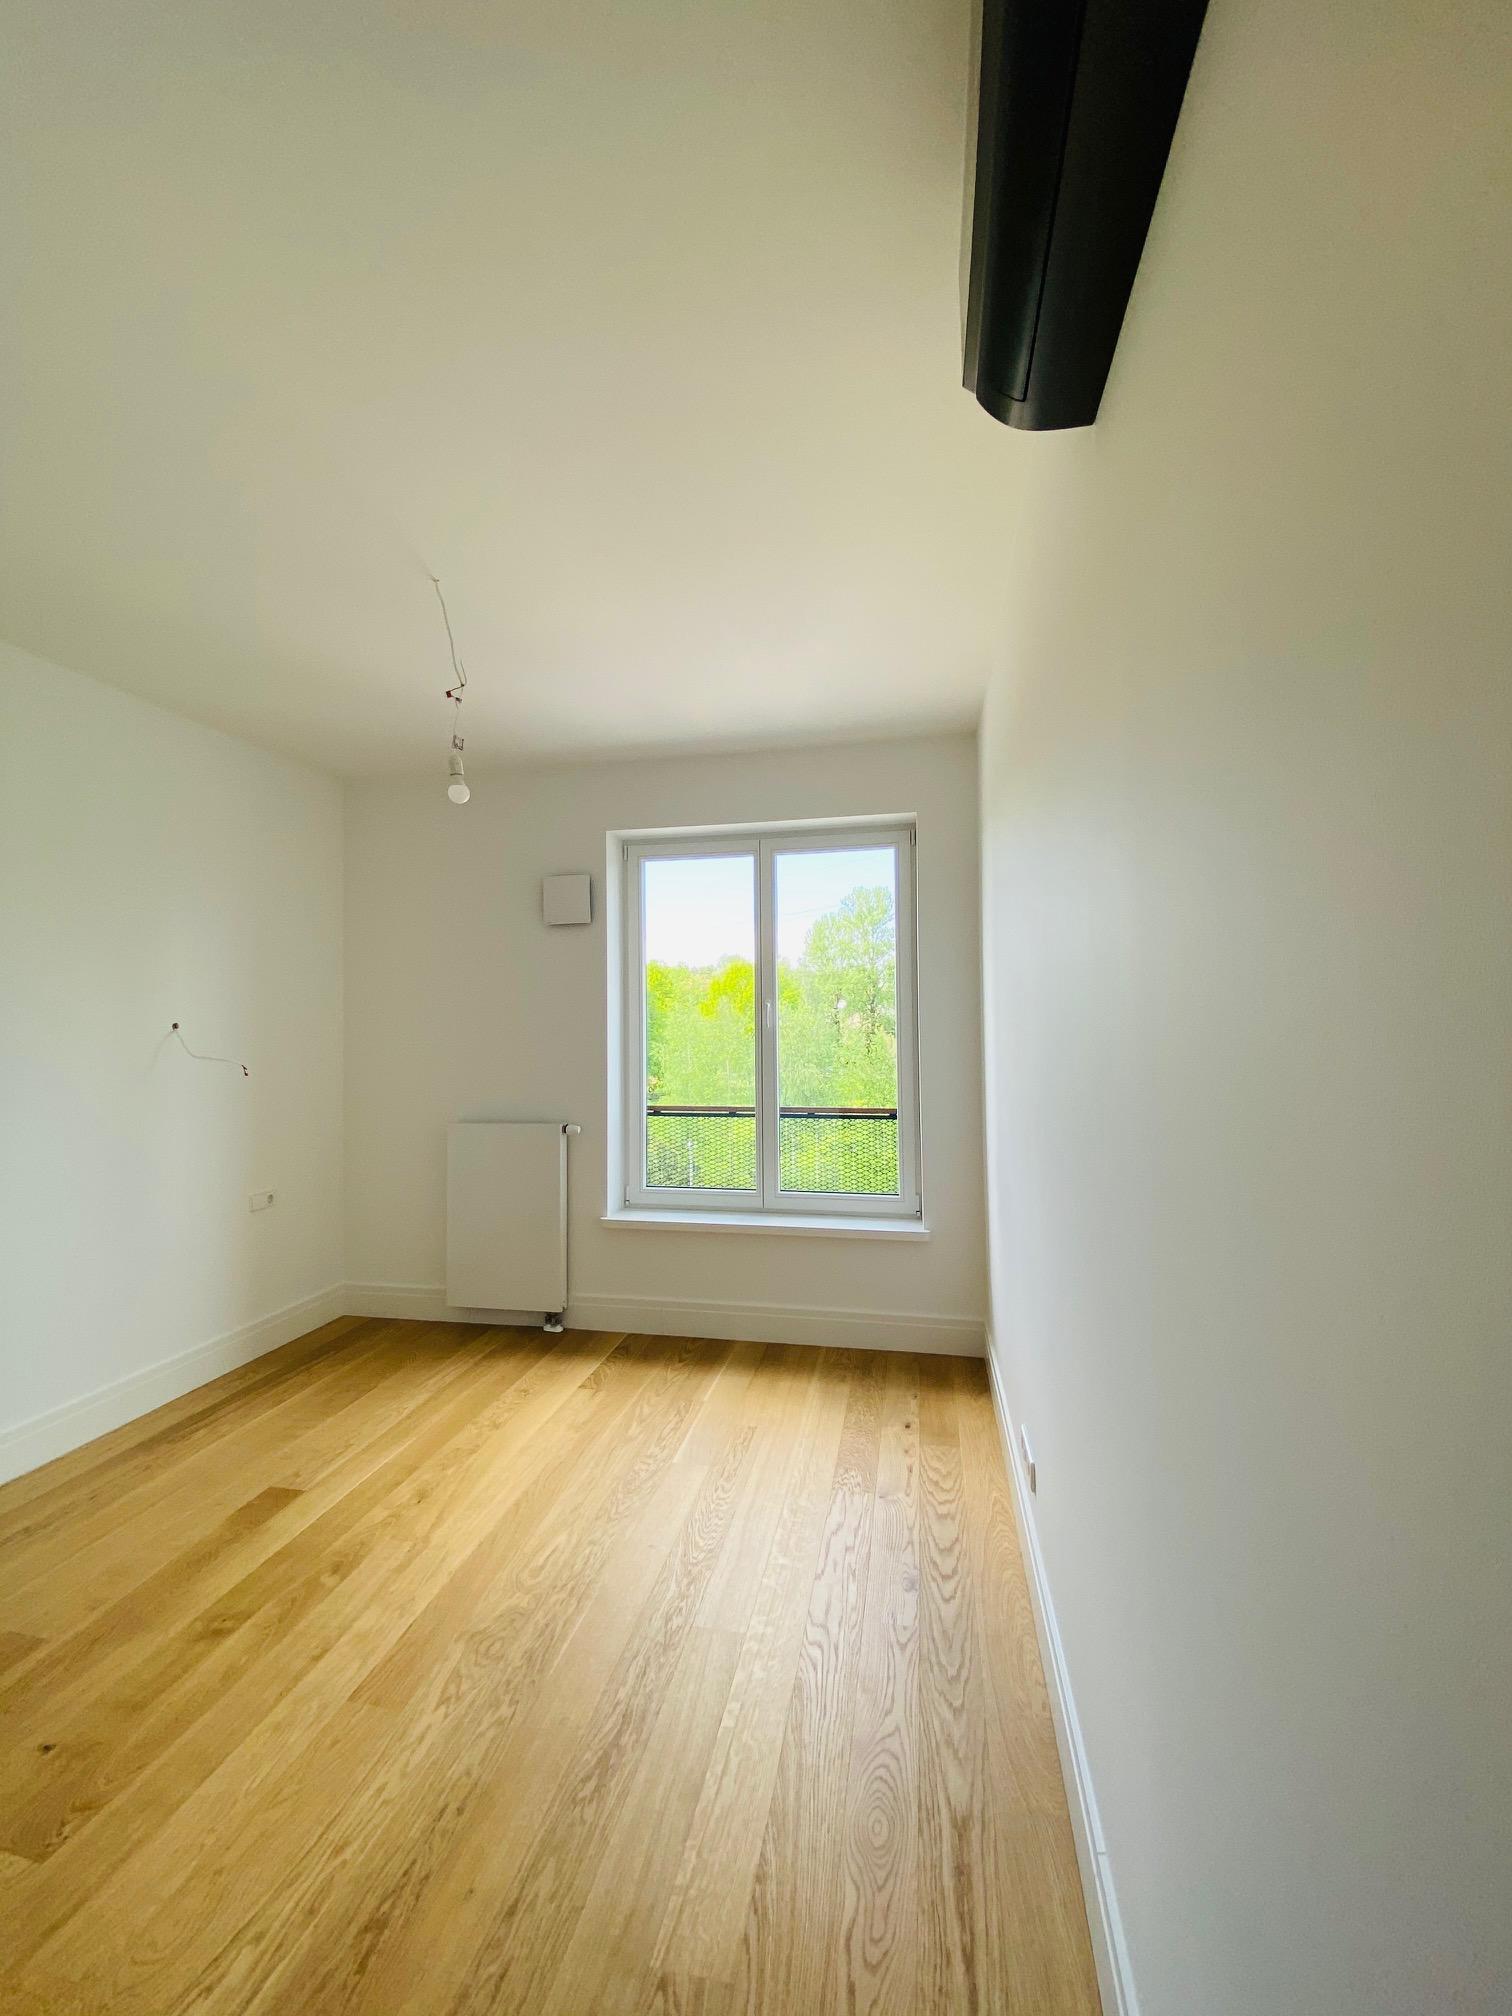 Pārdod dzīvokli, Jaunā Mežaparka iela 36 - Attēls 1